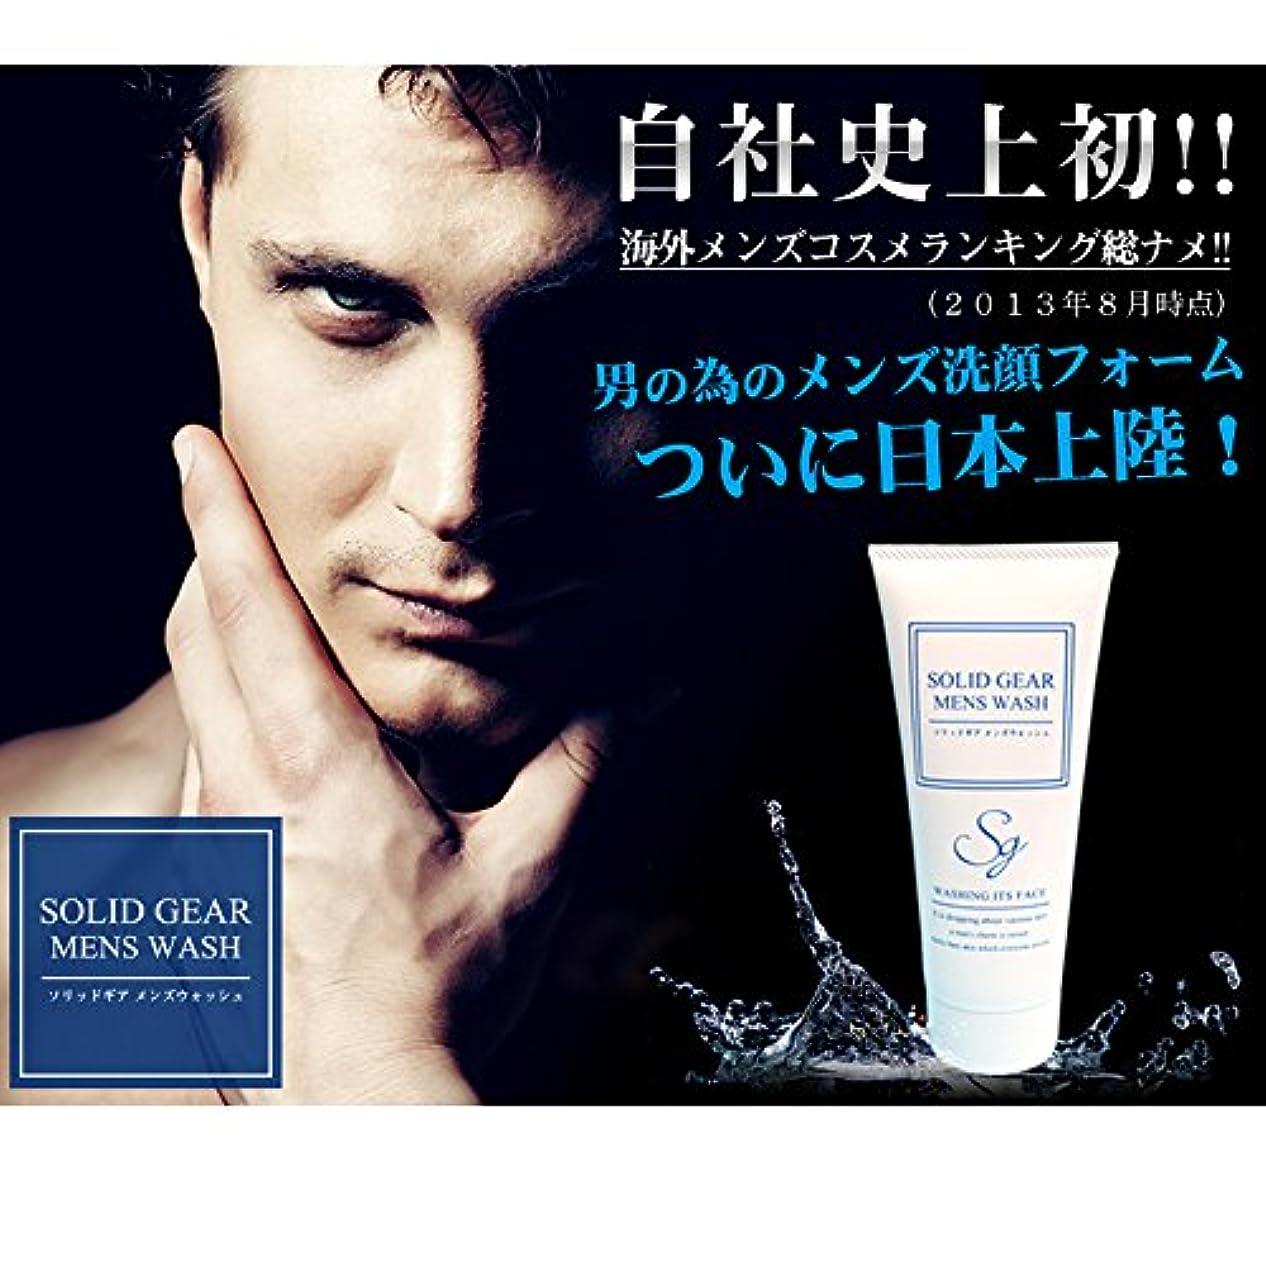 ヘッドレス言い換えるとアテンダント男性用洗顔フォーム ソリッドギア メンズウォッシュ